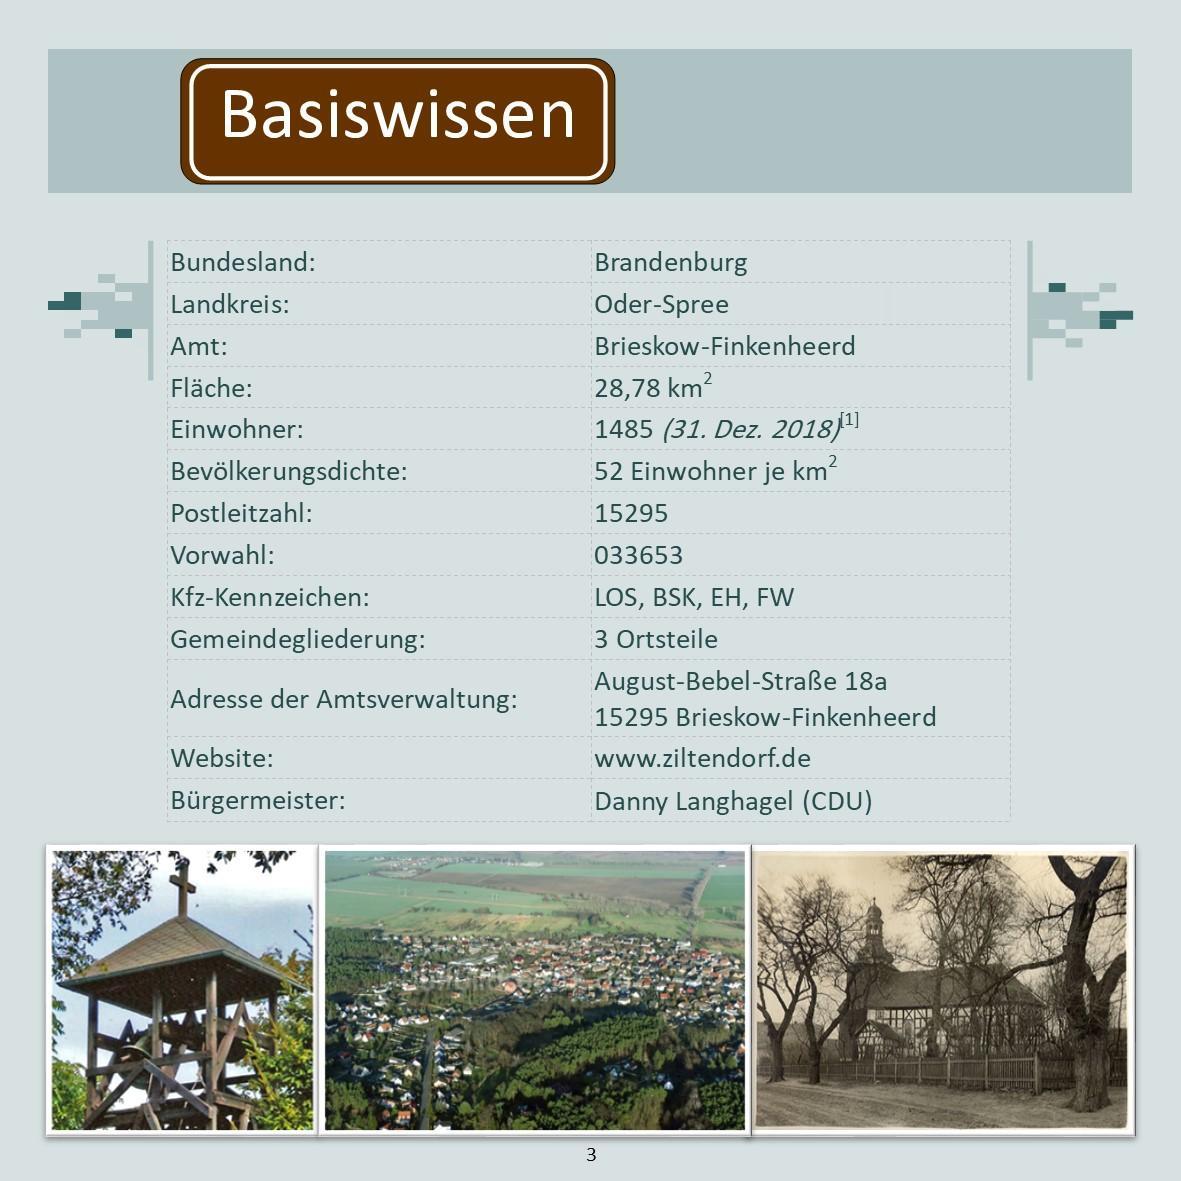 Ziltendorf_Freizeitgestaltung3